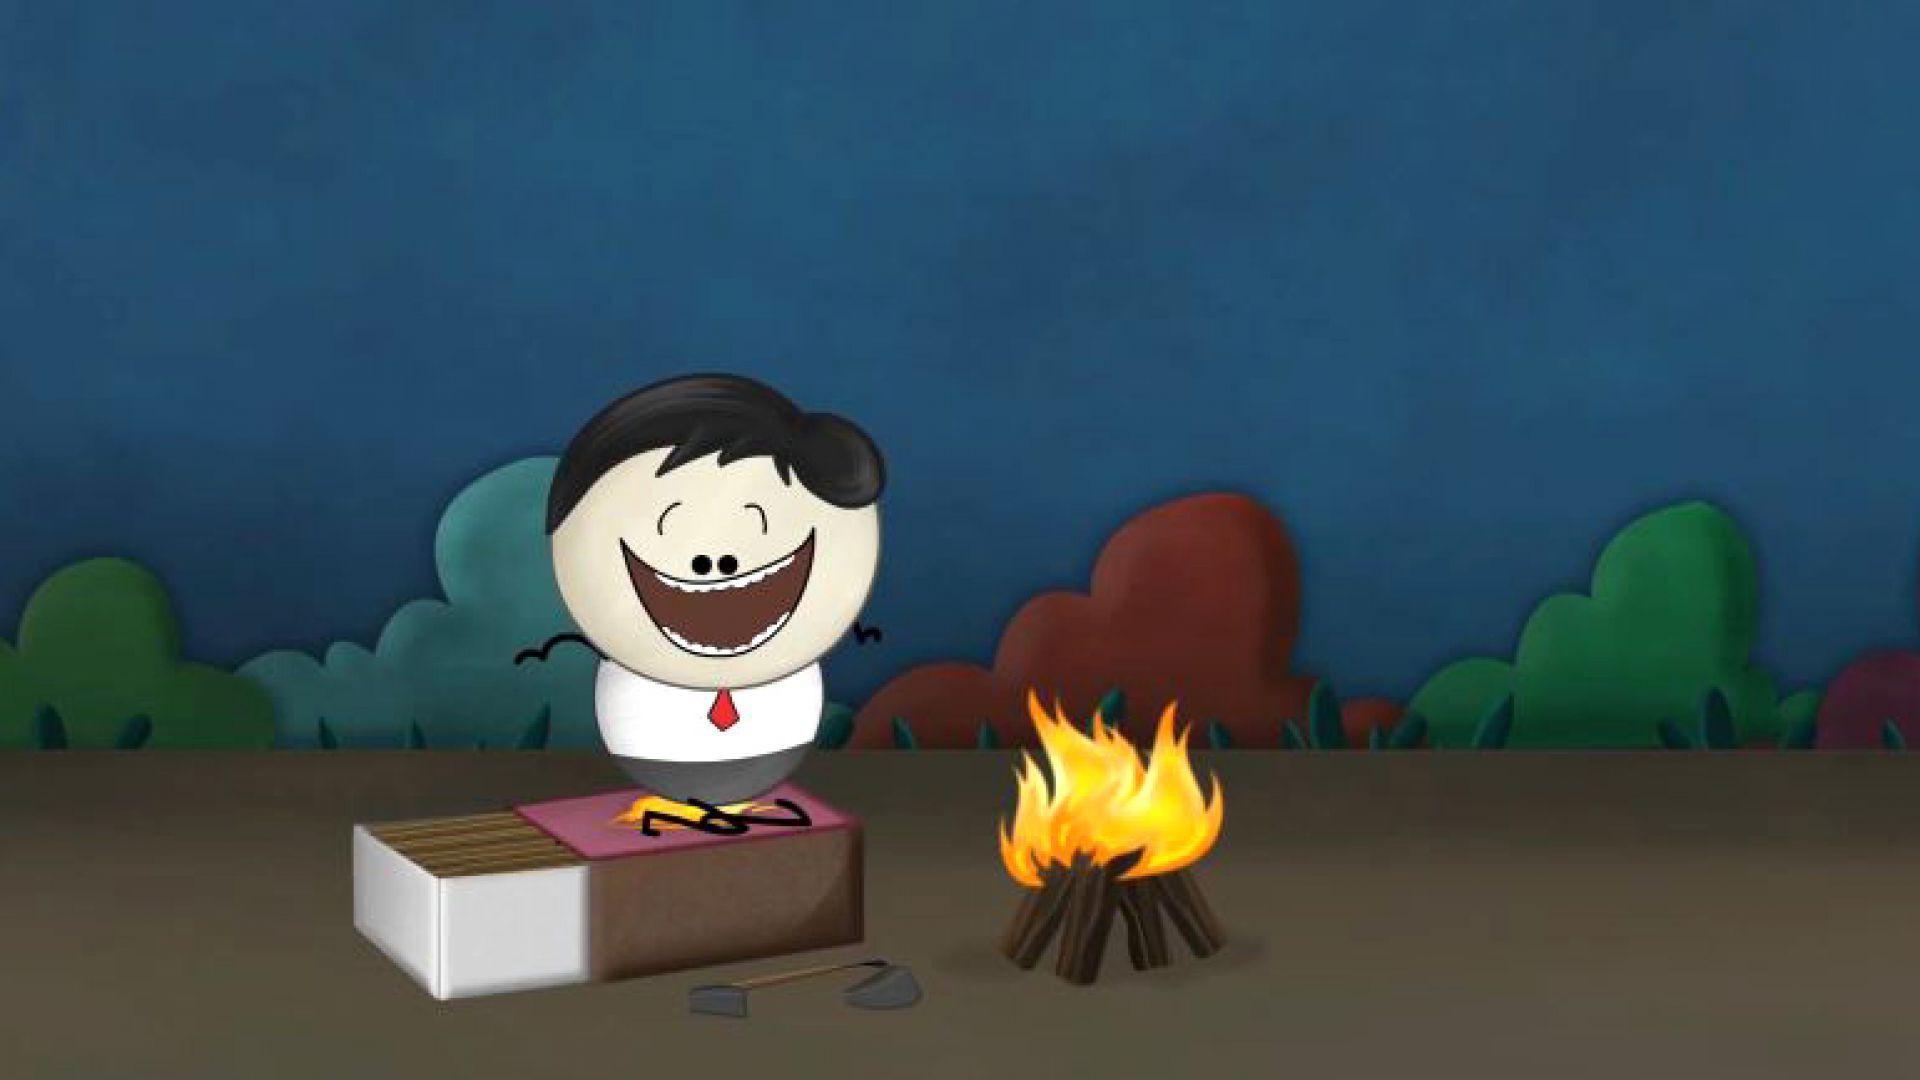 Bạn có biết Vì sao diêm bốc cháy khi quẹt vào vỏ bao?